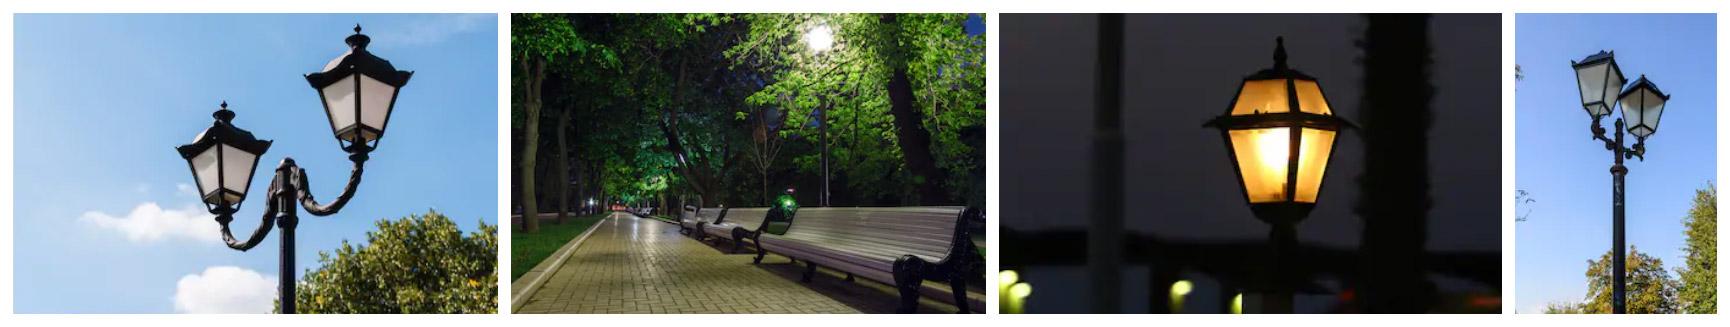 Éclairage LED dans les villes : l'éclairage public et le rétrofit.